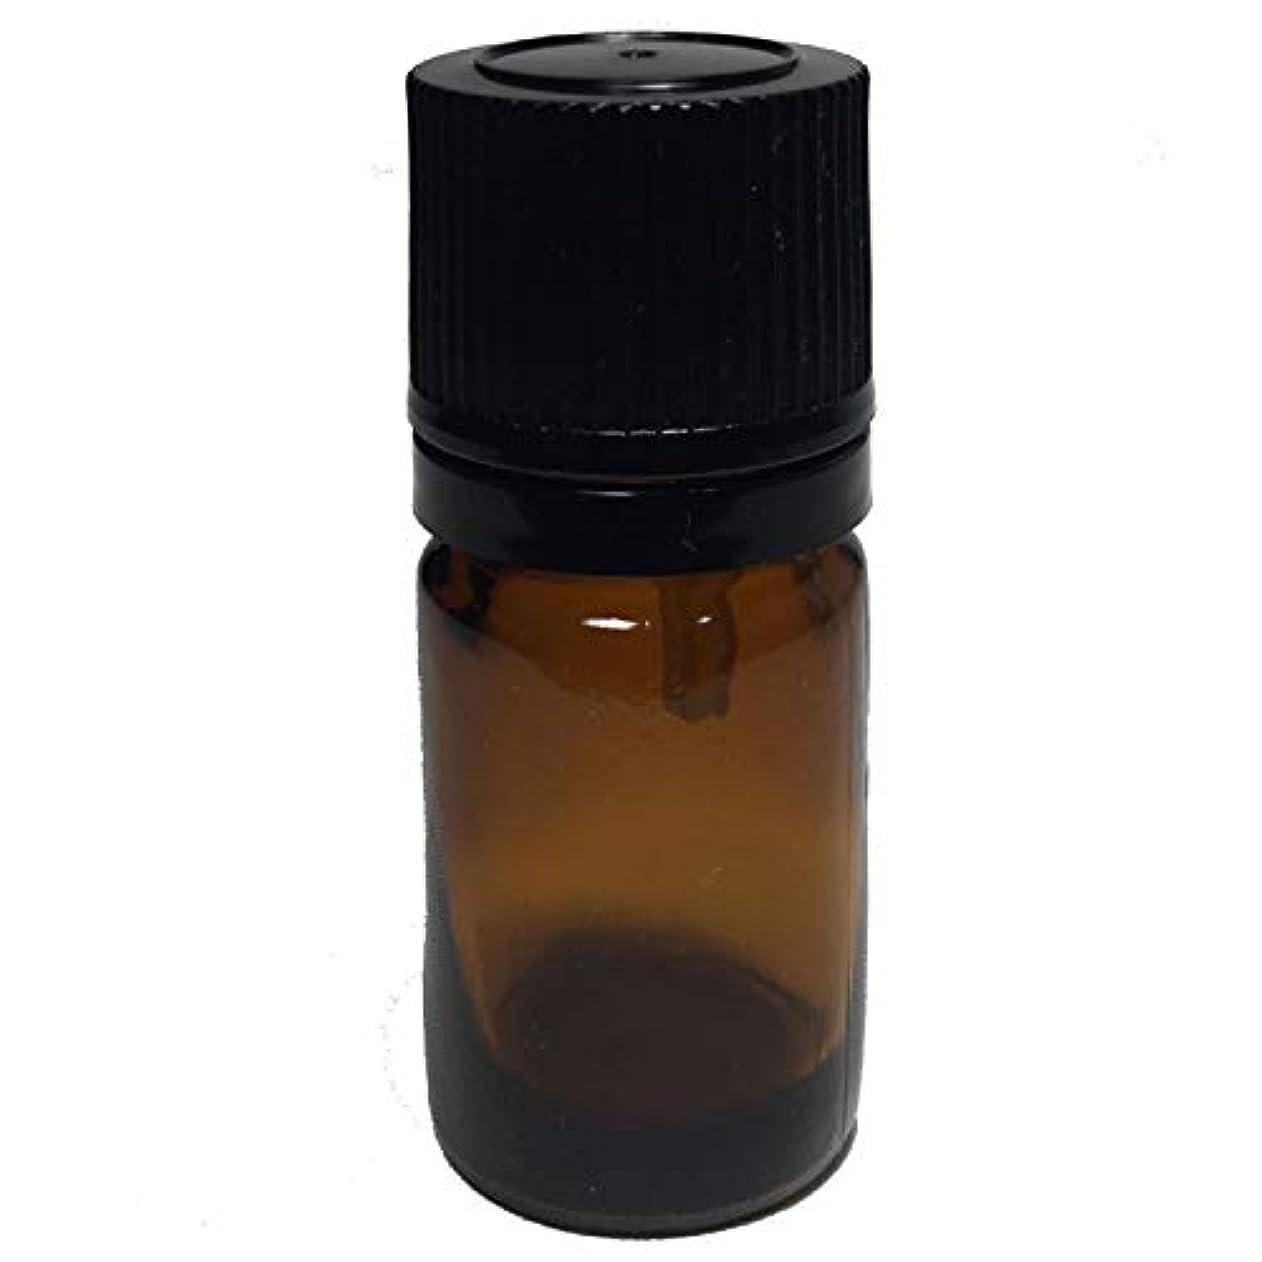 どこコインきらめきエッセンシャルオイル用茶色遮光瓶 ドロッパー付き(黒キャップ) 5ml ガラスビン 10本セット